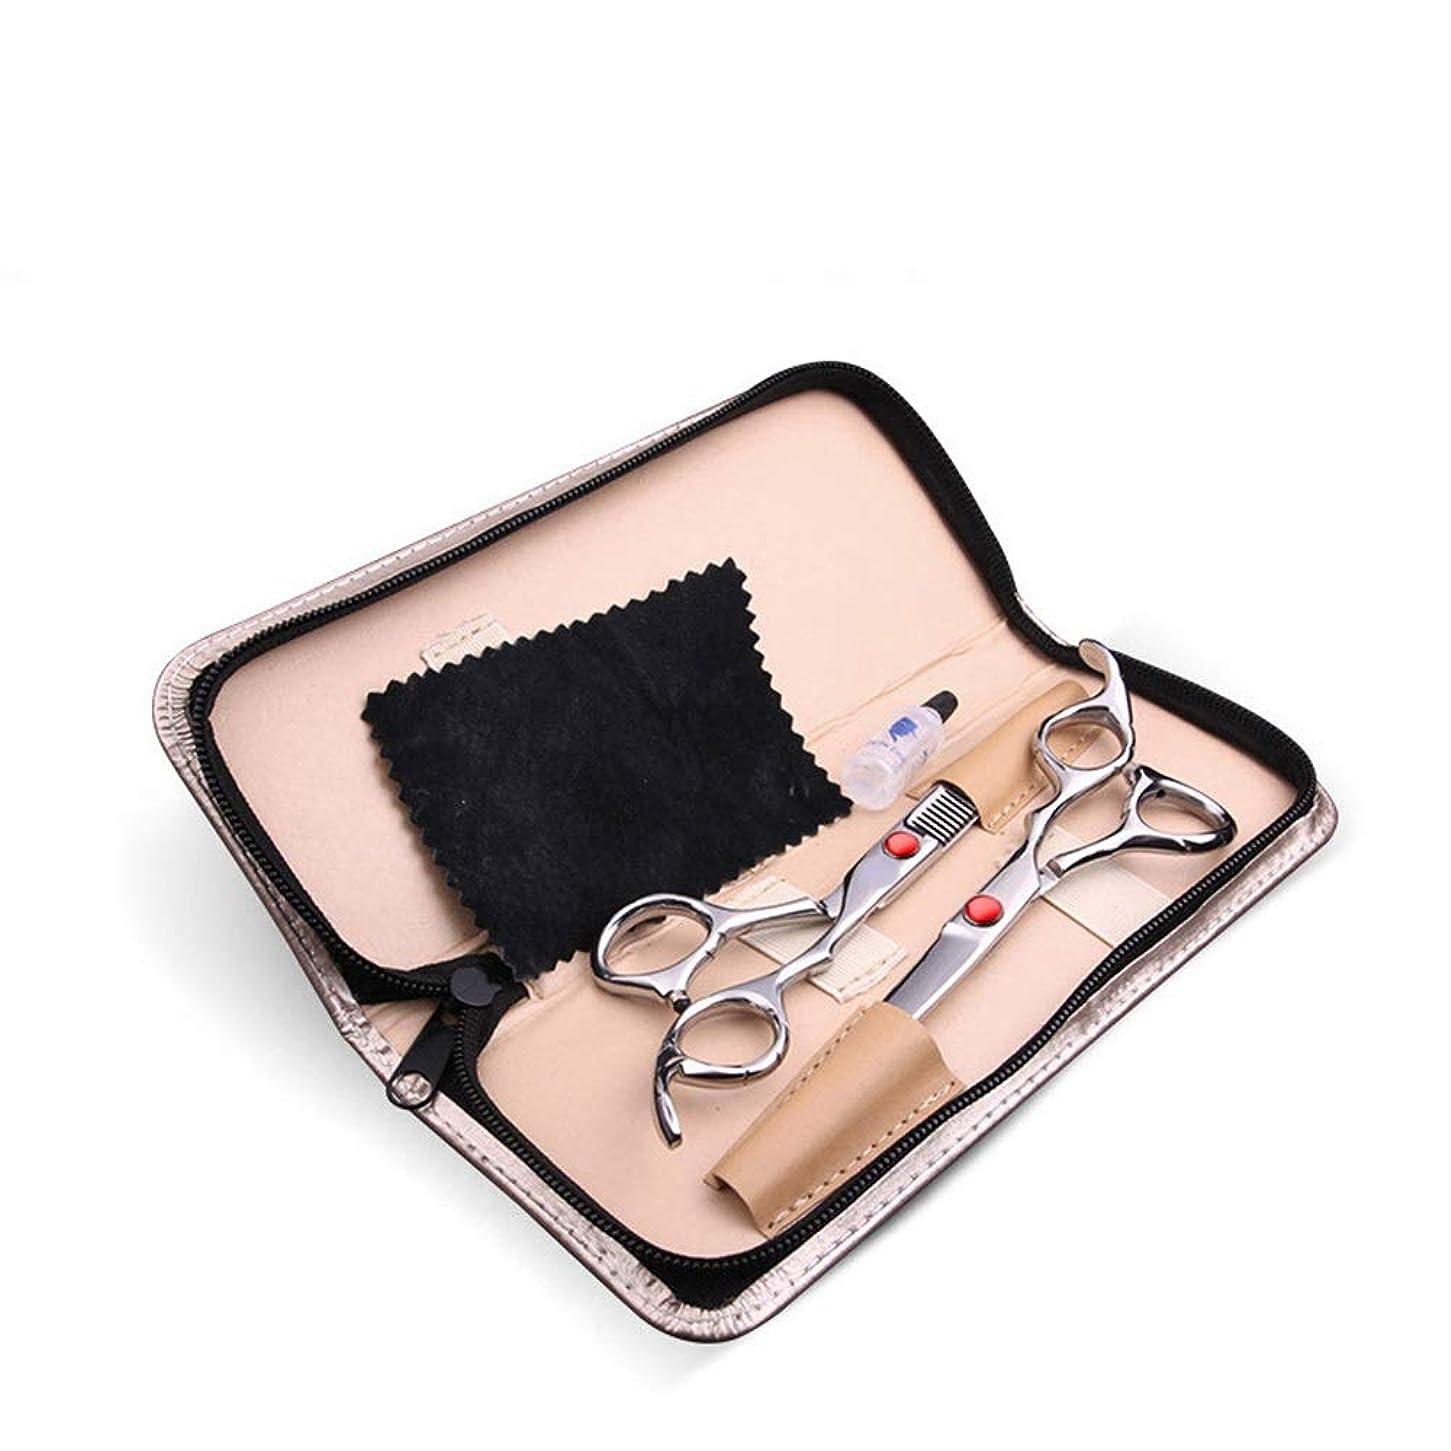 指定する薬剤師電卓6.0インチ専門理髪はさみセット、家庭用理髪はさみコンビネーションキット モデリングツール (色 : レッド)